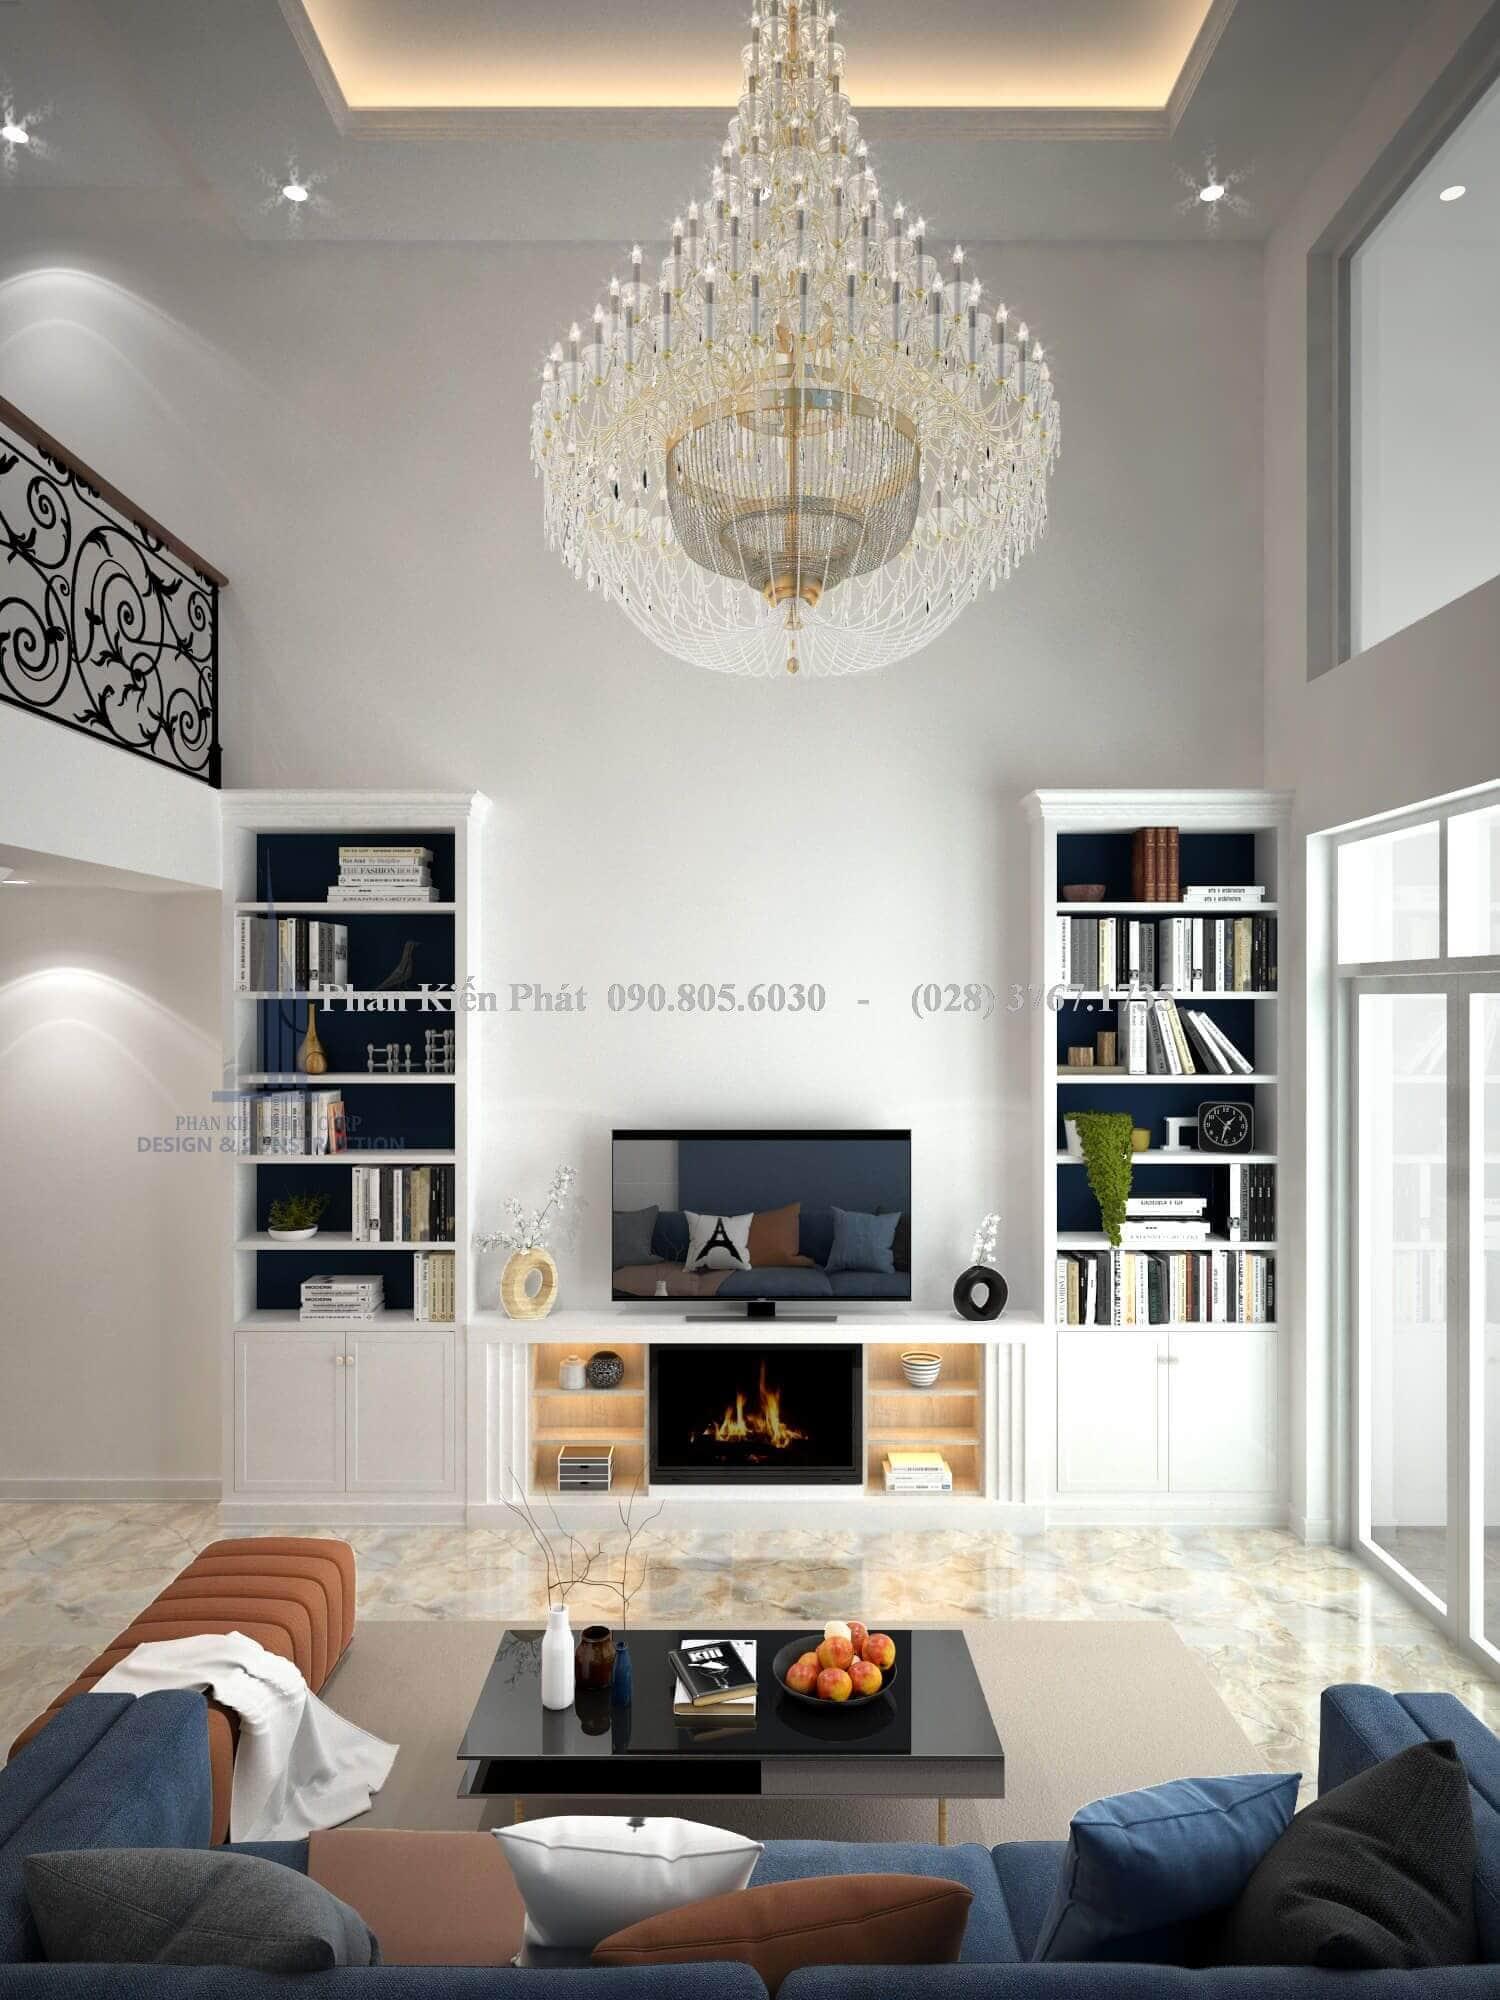 Thiết kế nội thất phòng khách cổ điển đẹp